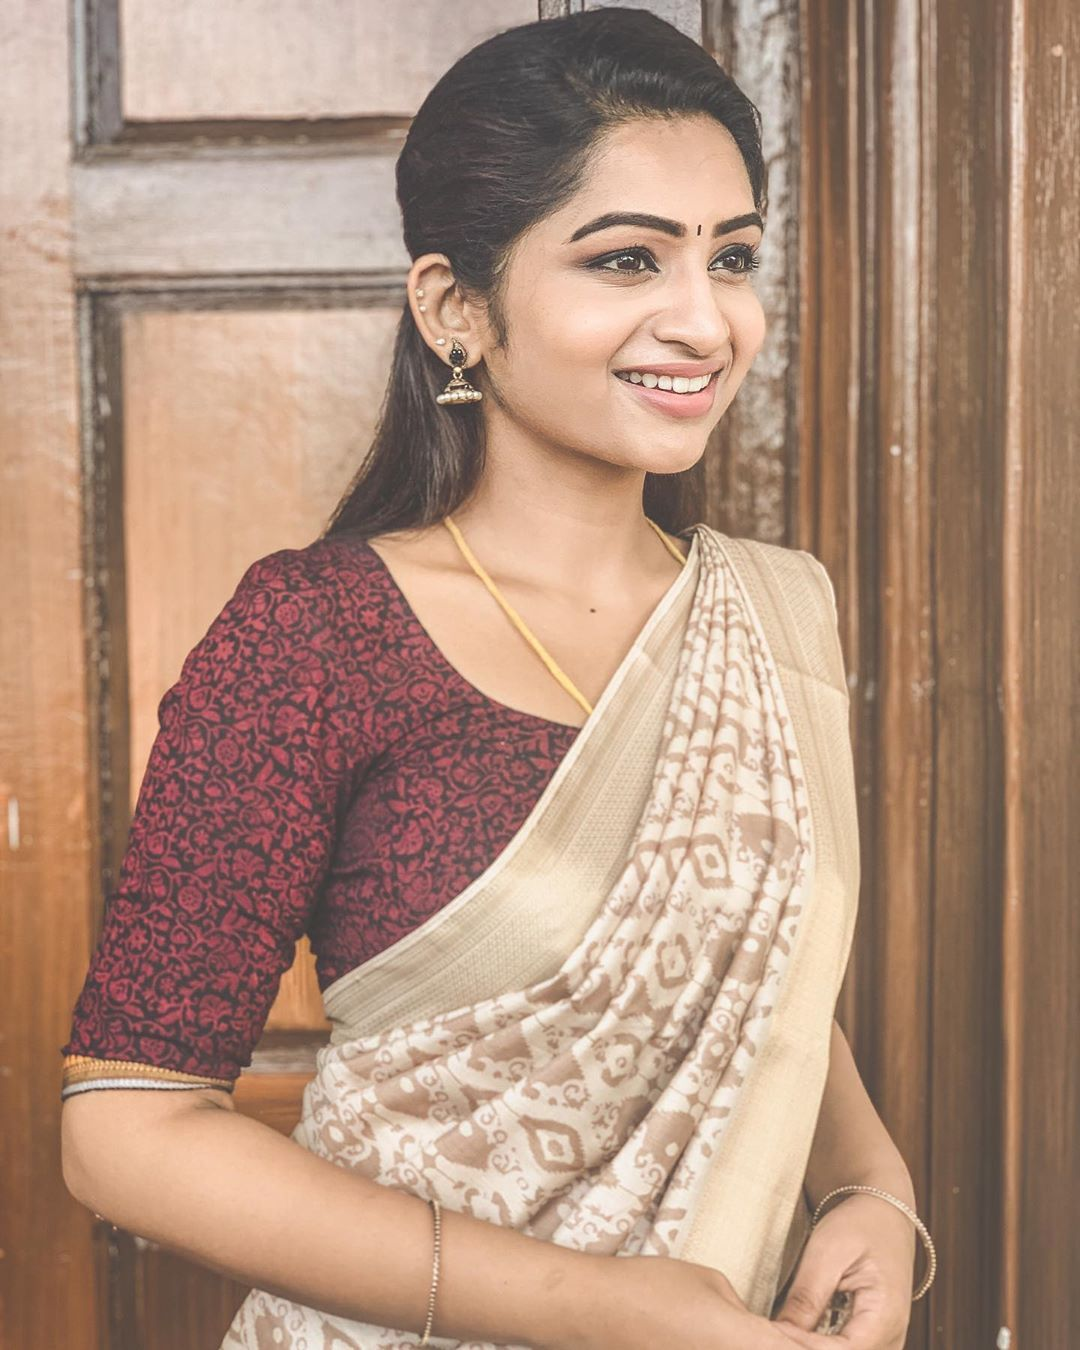 Easy Ladies Hairstyles In Kerala: In An @adornelegance Saree 🌸 #beingbhagyalakshmi